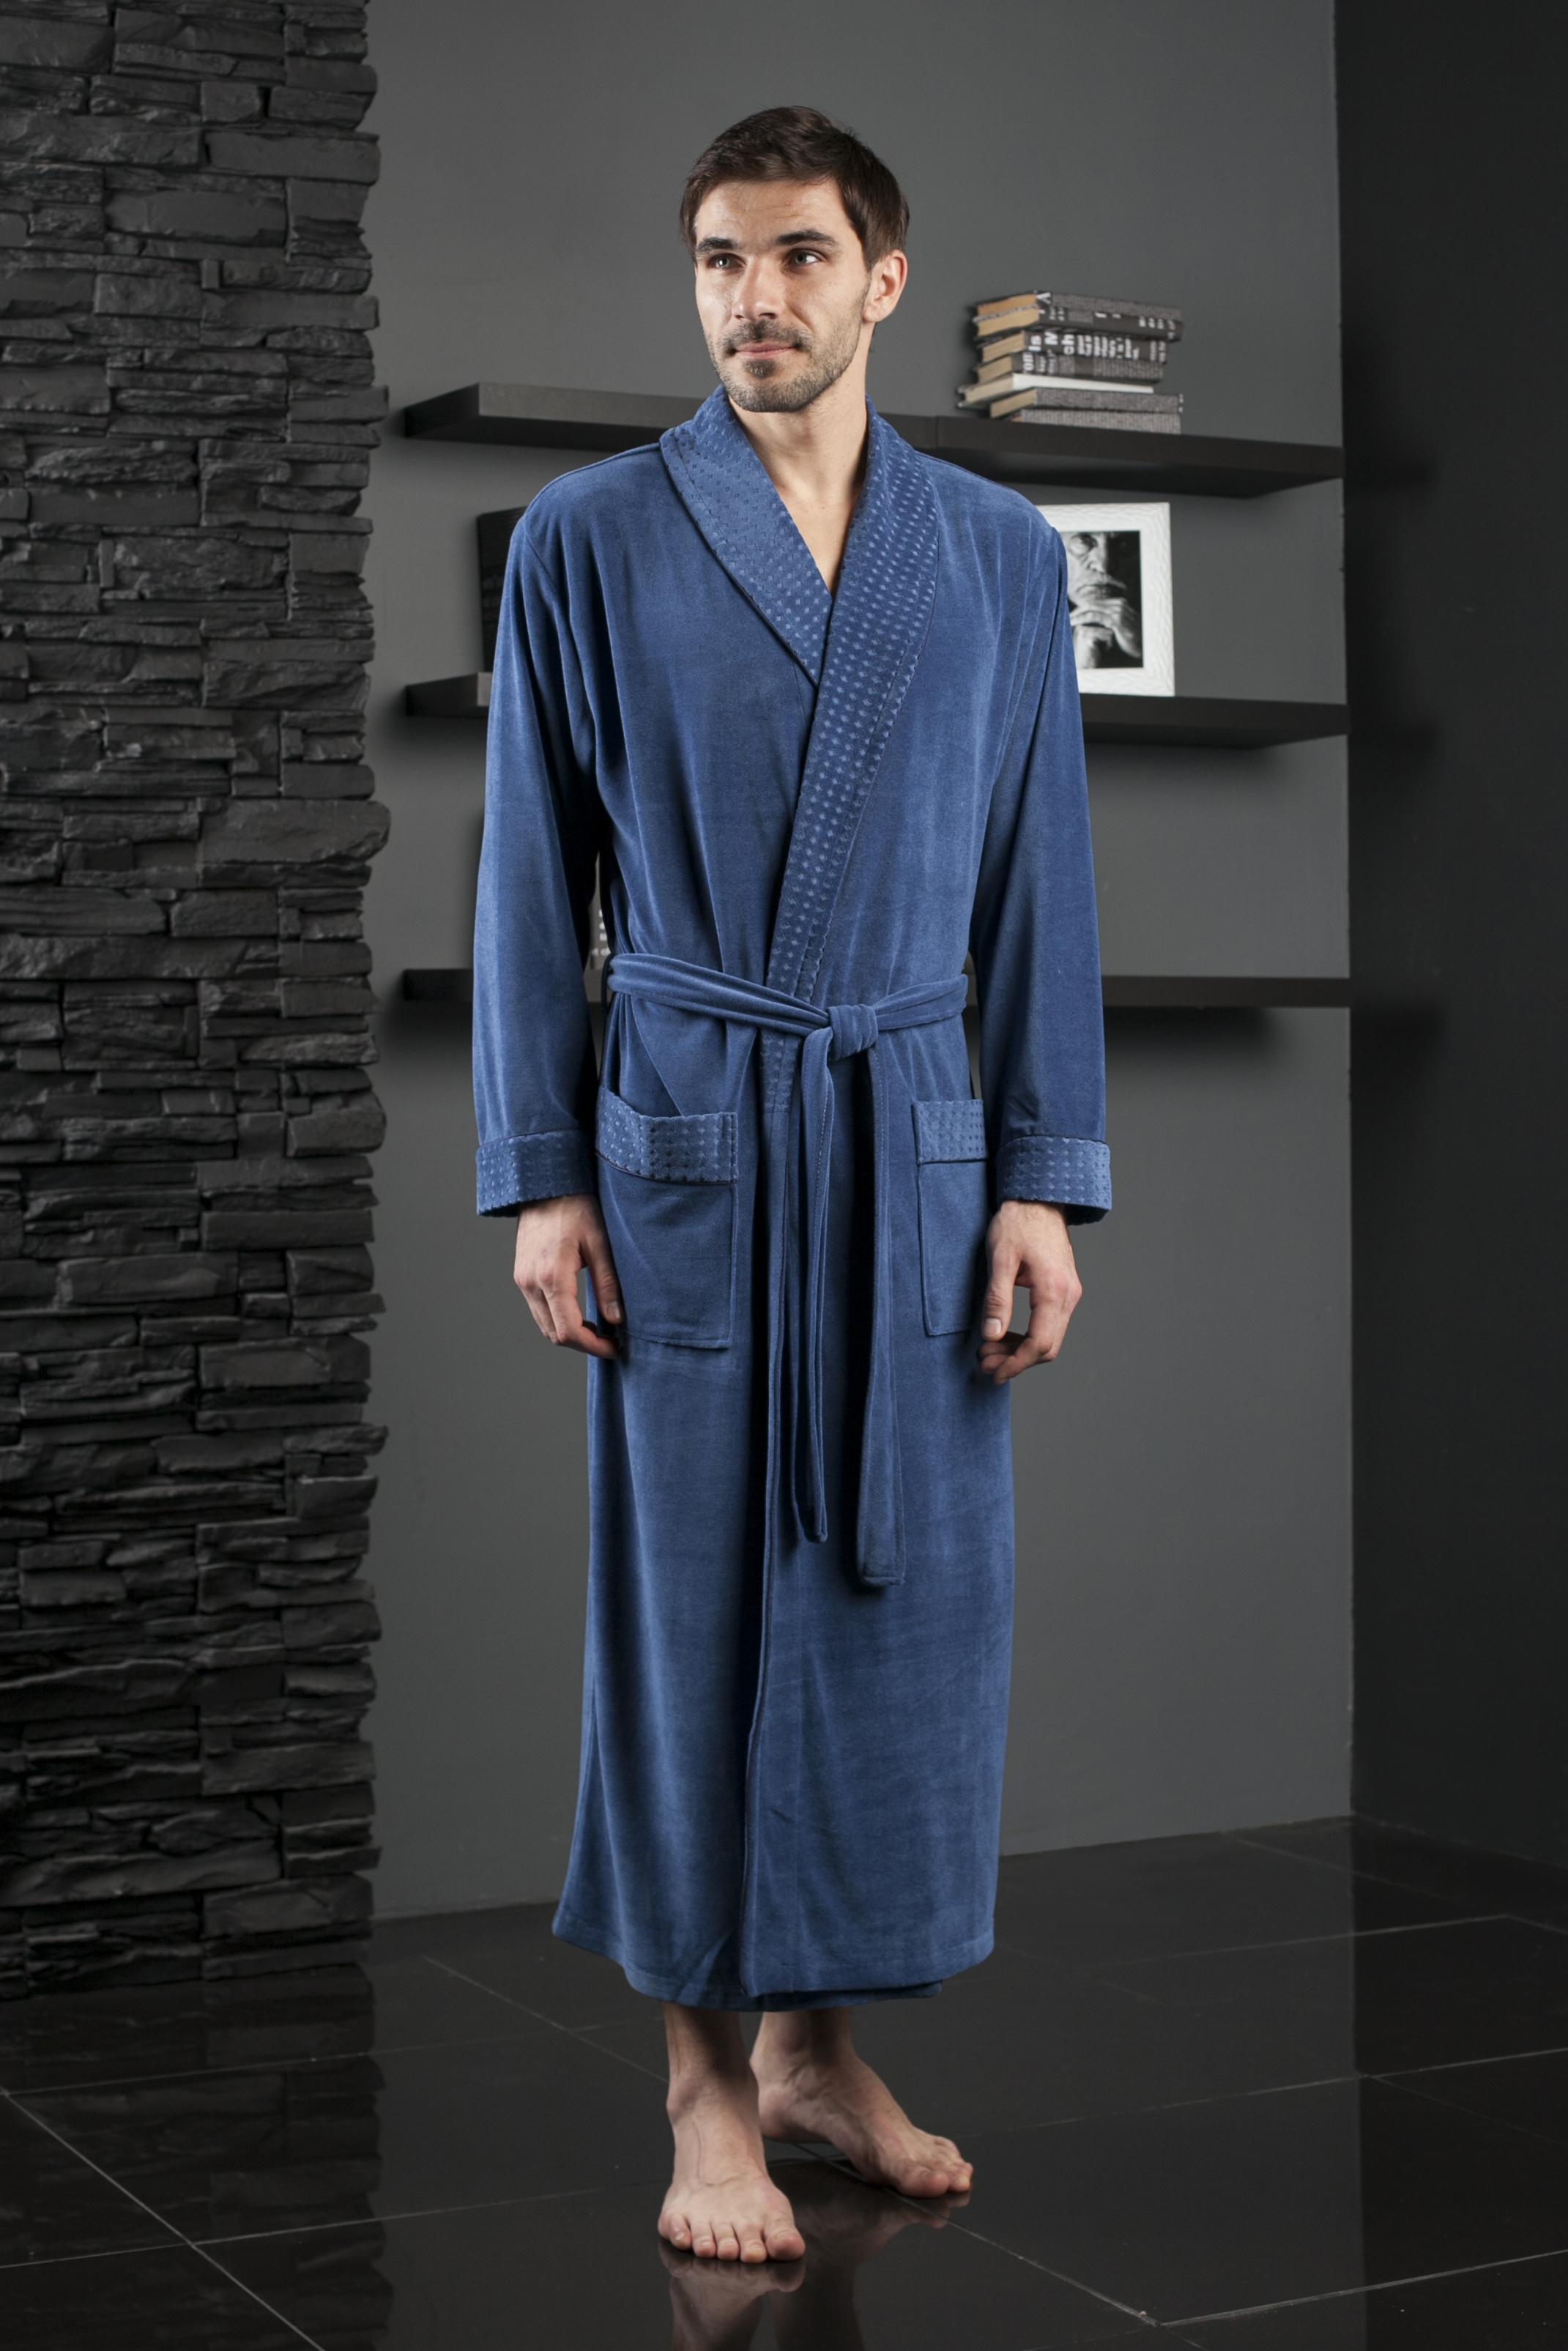 Халат мужской Five Wien Home, цвет: голубой. 450. Размер L/XL (48/52)450Солидный длинный мужской халат с шалькой. Облегченная модель в однотонном исполнении. Жаккардовая ткань по шальке, манжетам и карманам. Декоративная отделка кантом в тон.